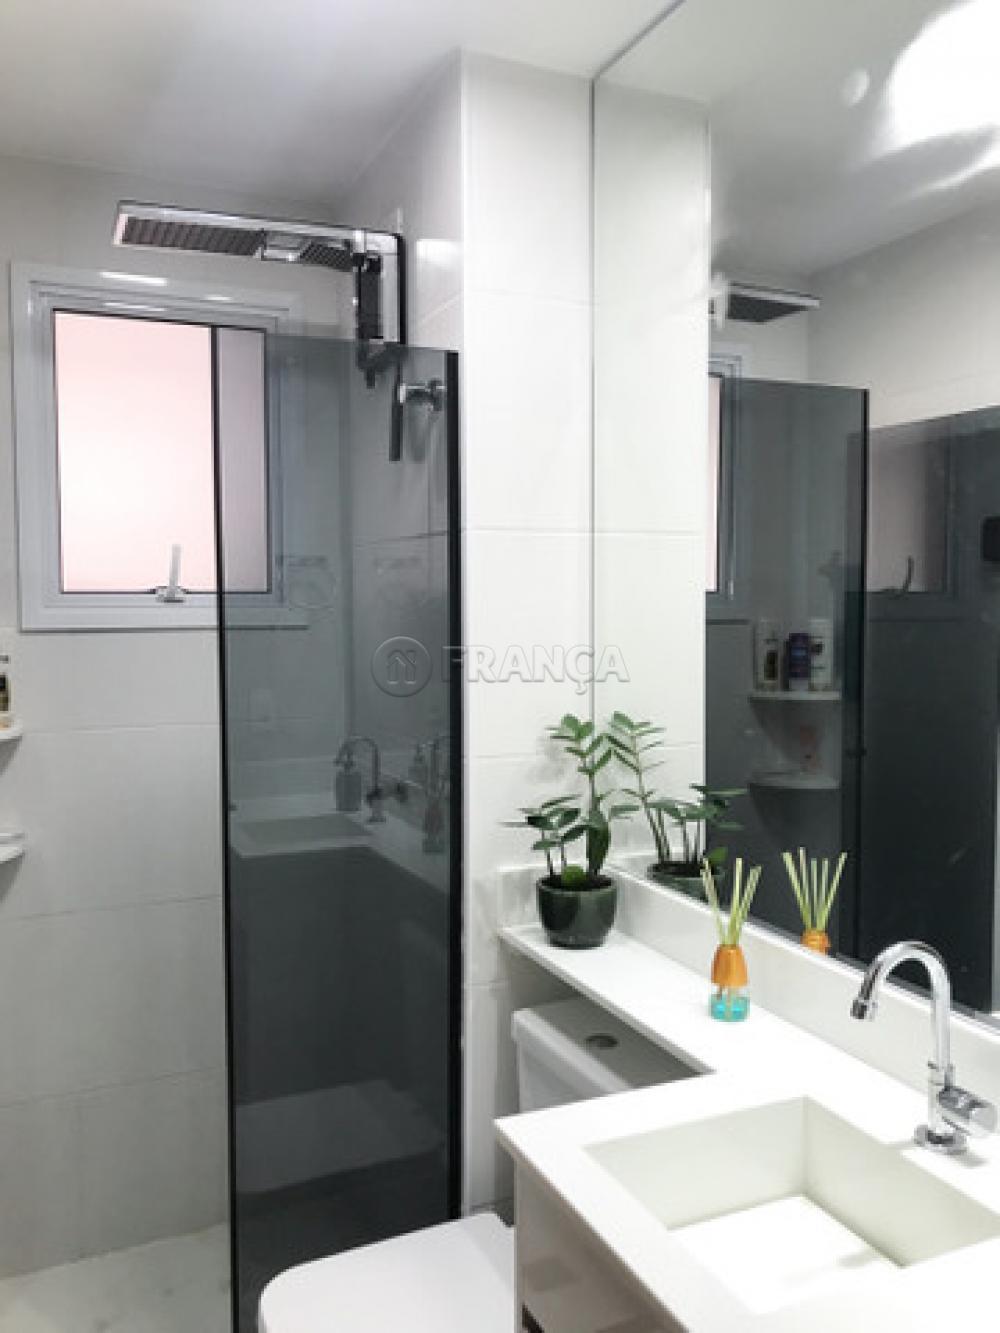 Comprar Apartamento / Padrão em Taubaté R$ 185.000,00 - Foto 7